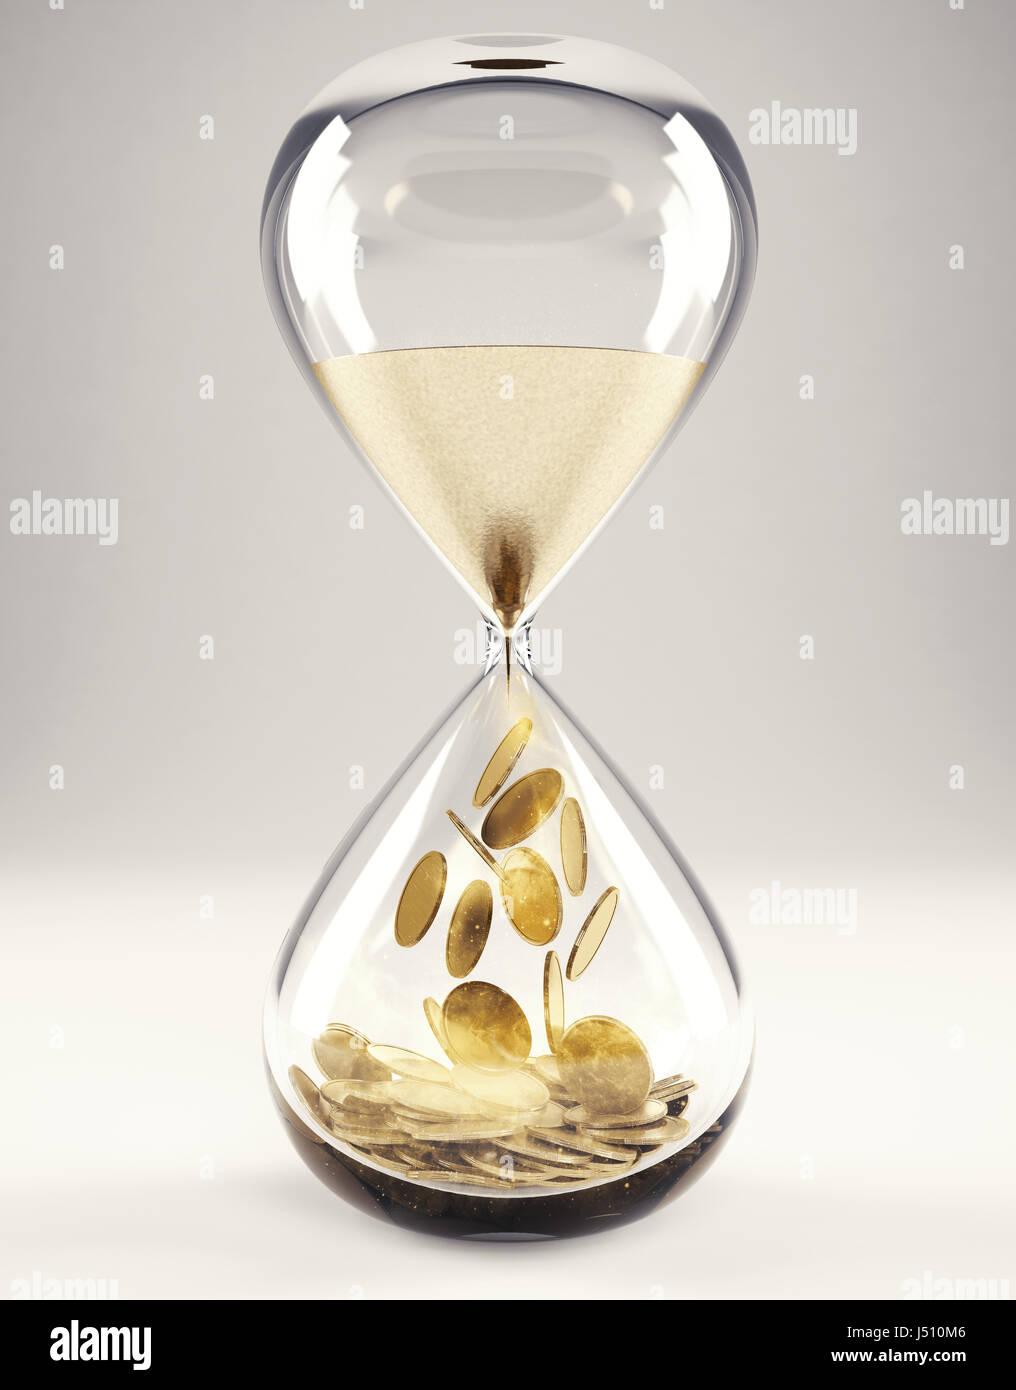 El tiempo es dinero concepto 3D Rendering Imagen De Stock